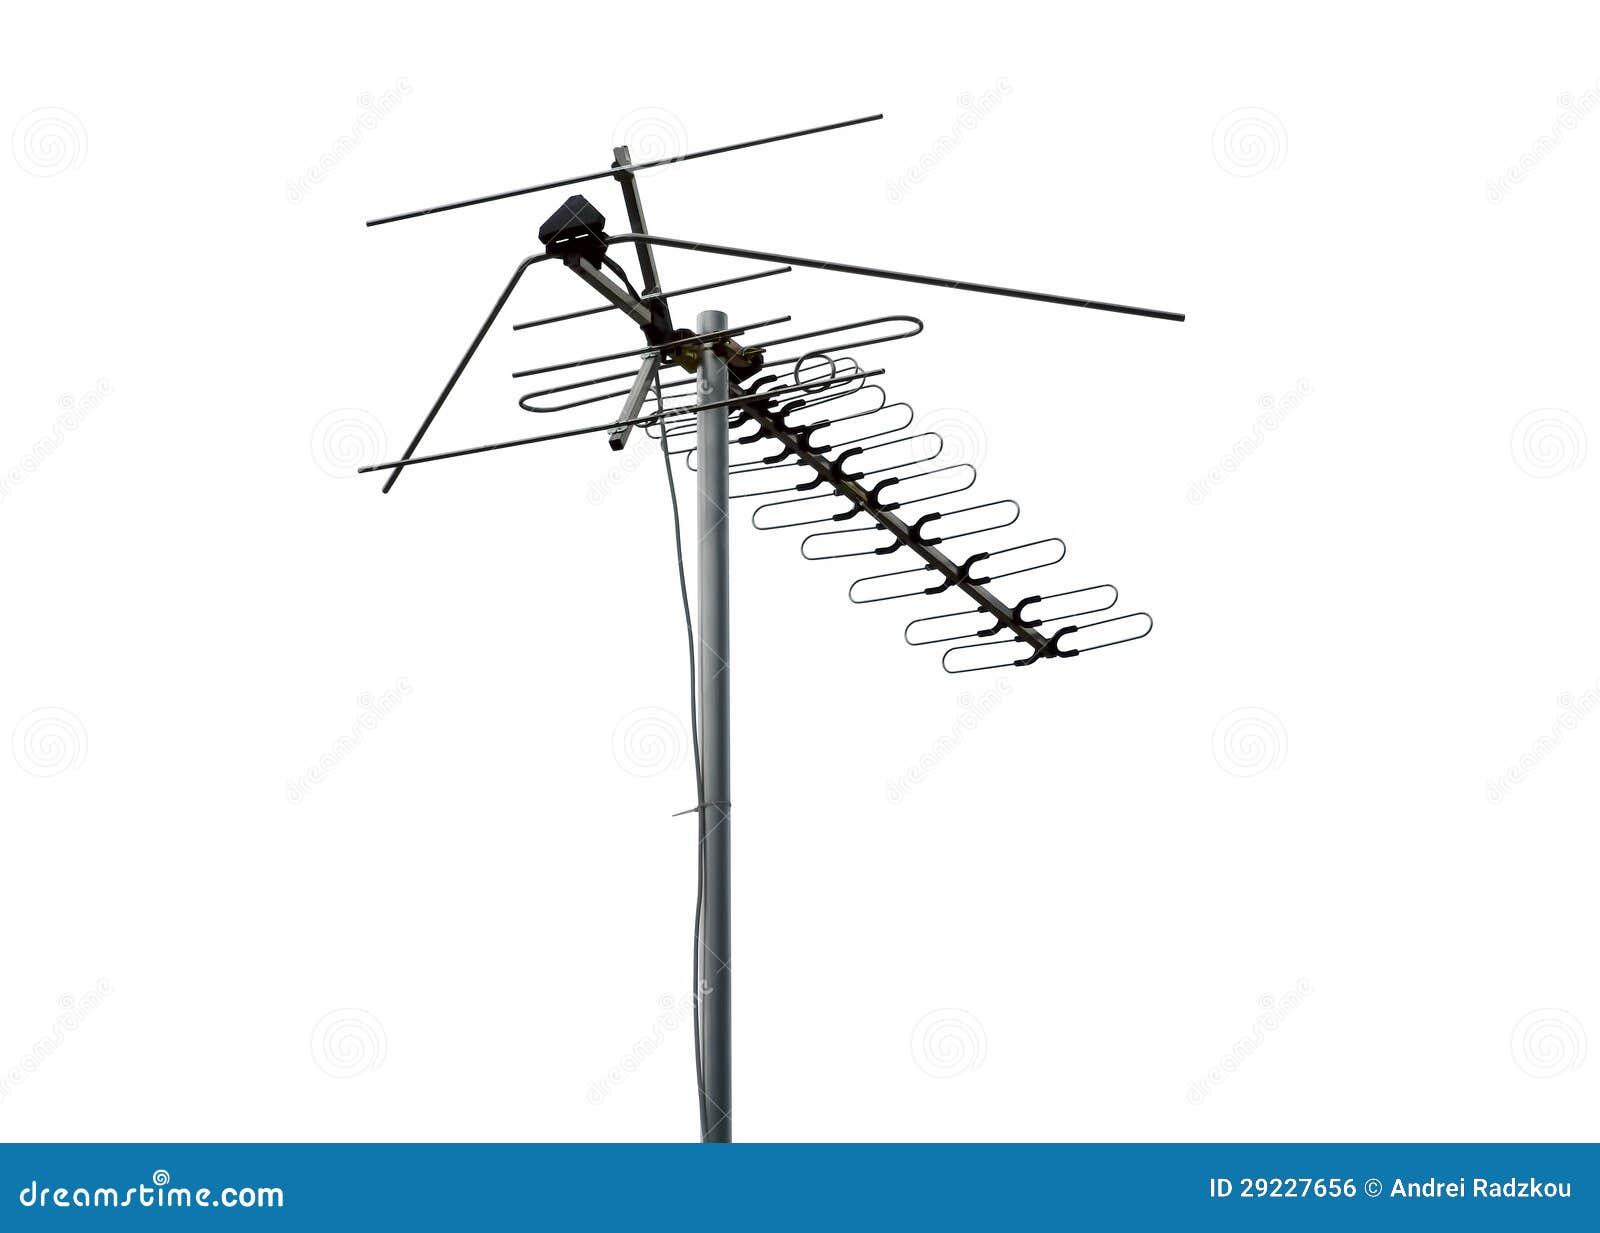 Download Antena foto de stock. Imagem de wireless, onda, telecomunicações - 29227656